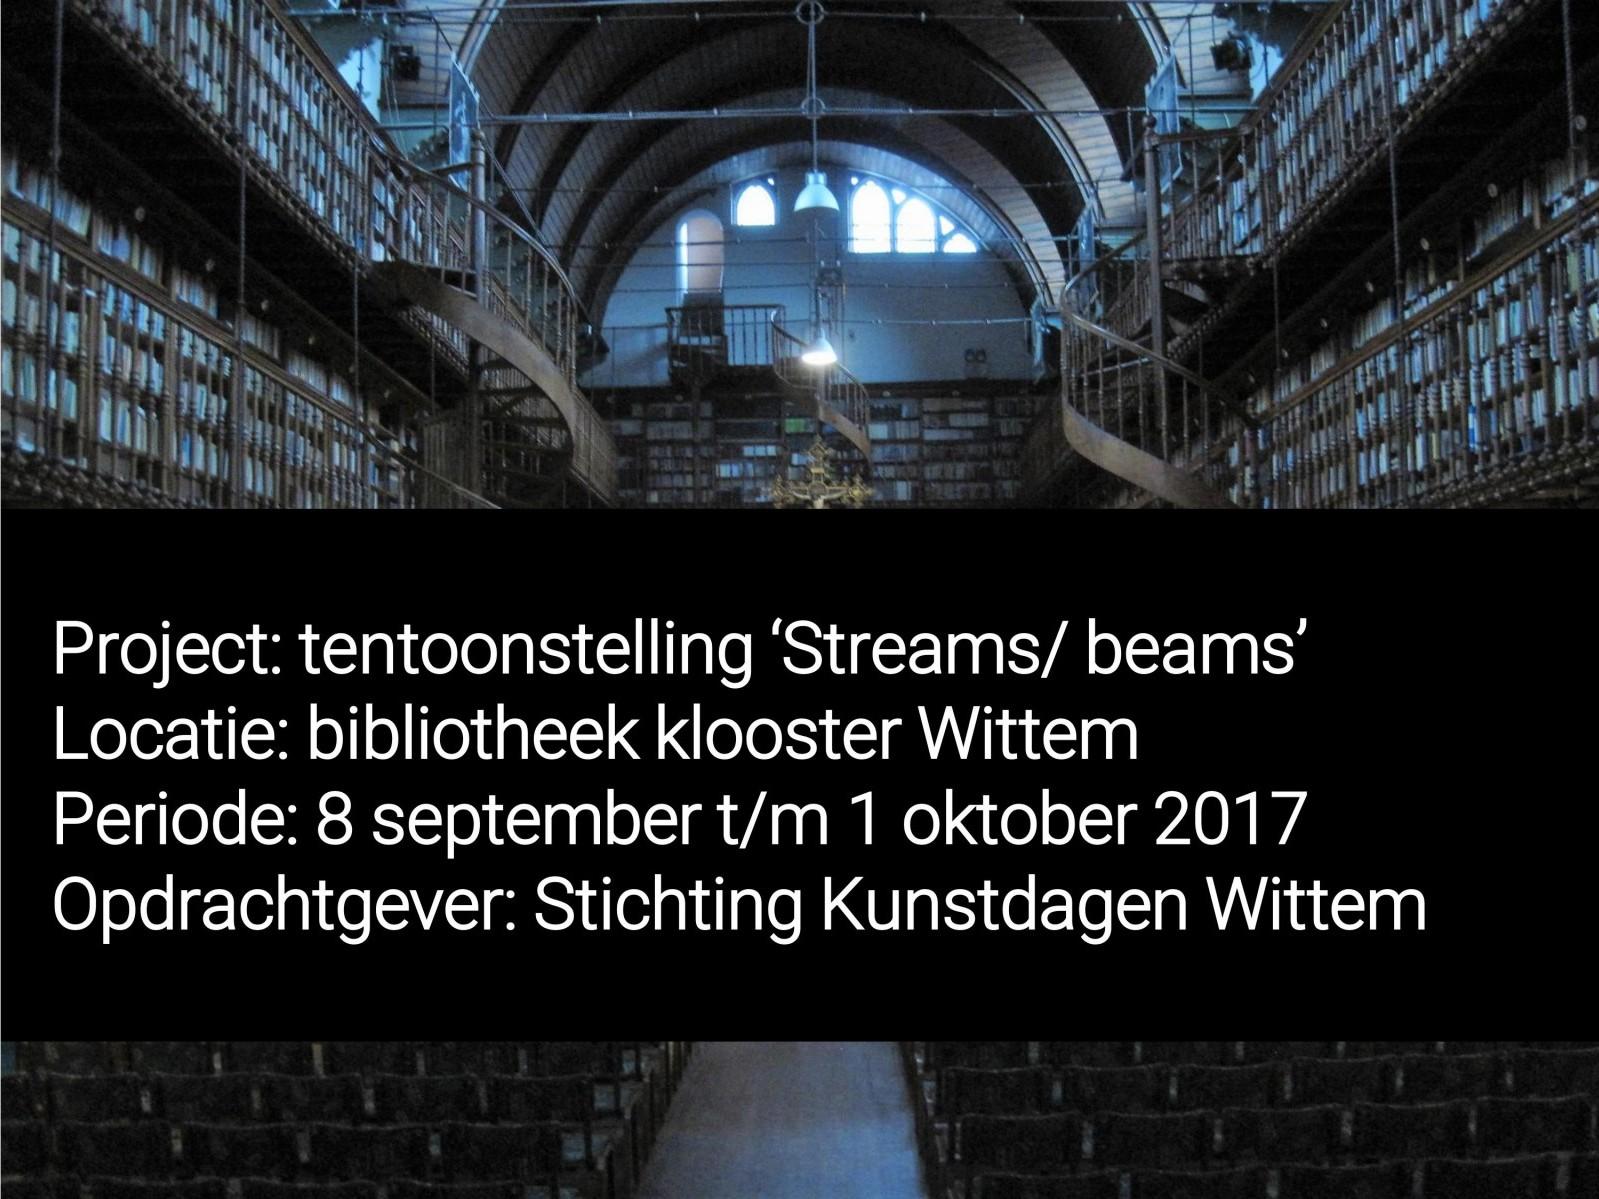 Tentoonstelling 'Streams/ beams'